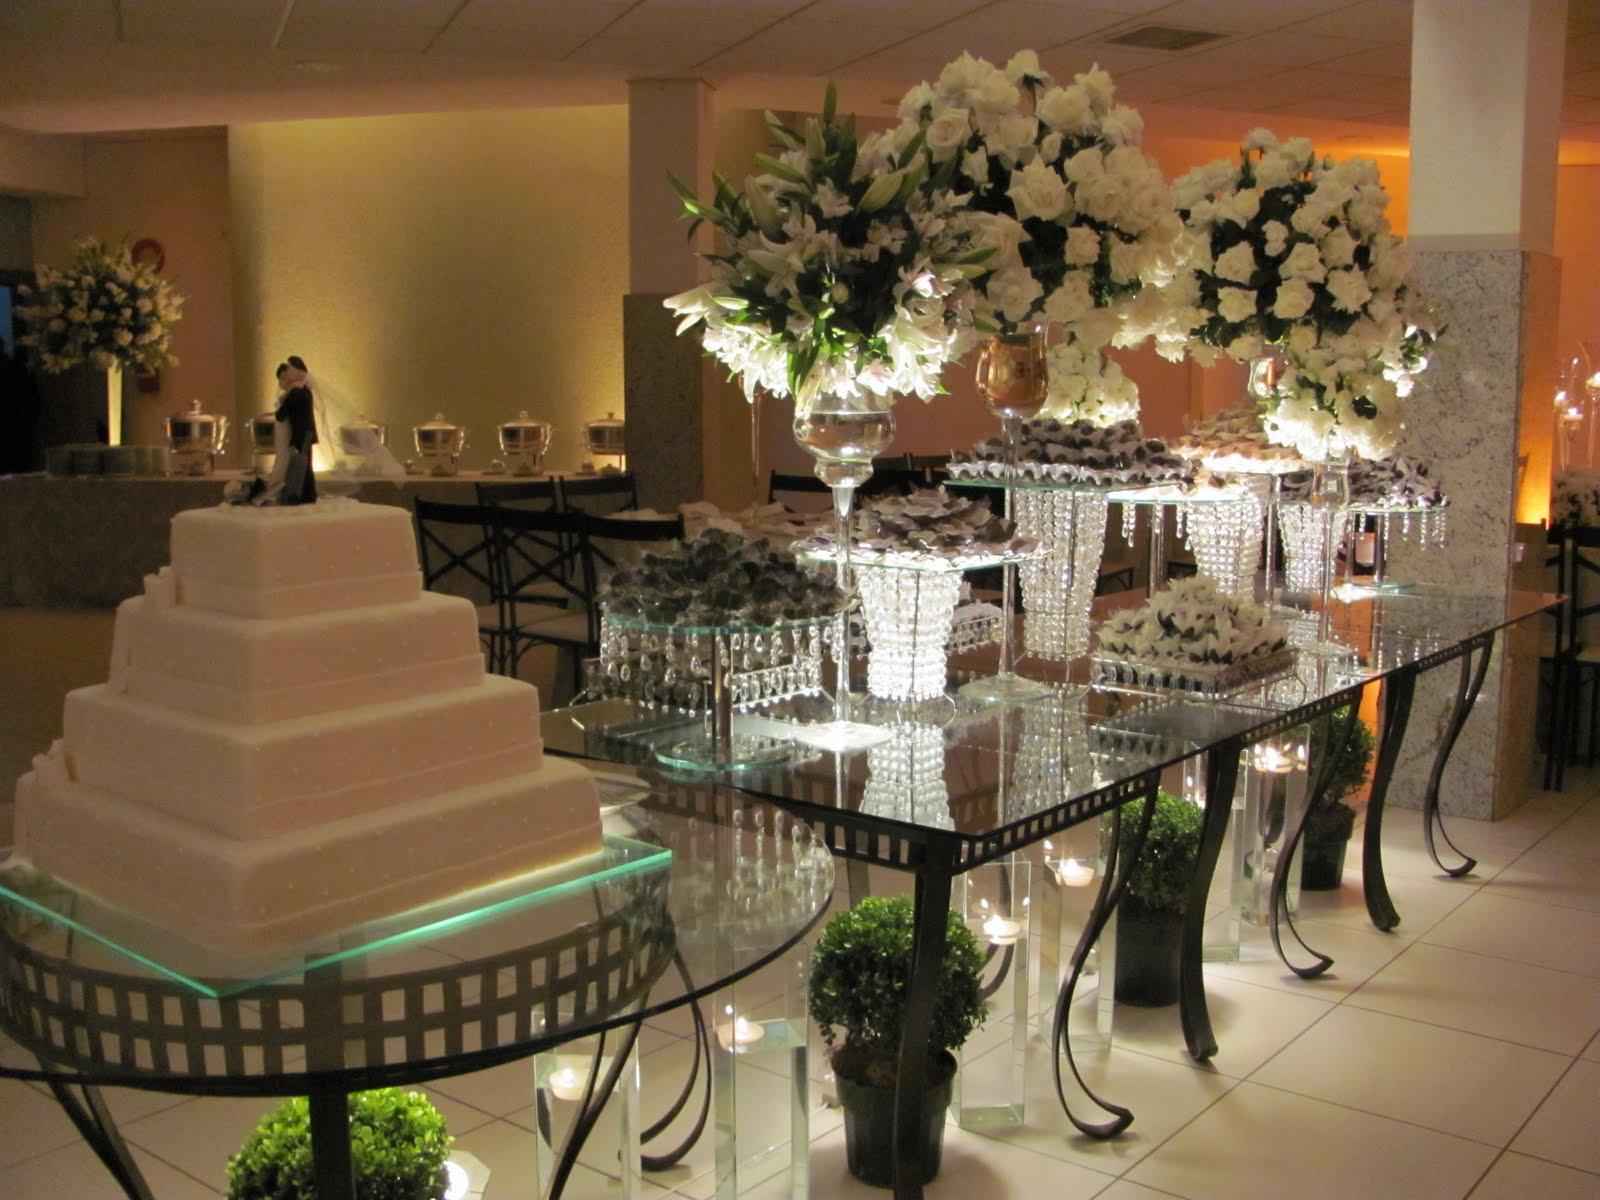 decoracao branca e verde para casamento : decoracao branca e verde para casamento:Recanto das Flores: Decoração casamento Atrium recepções